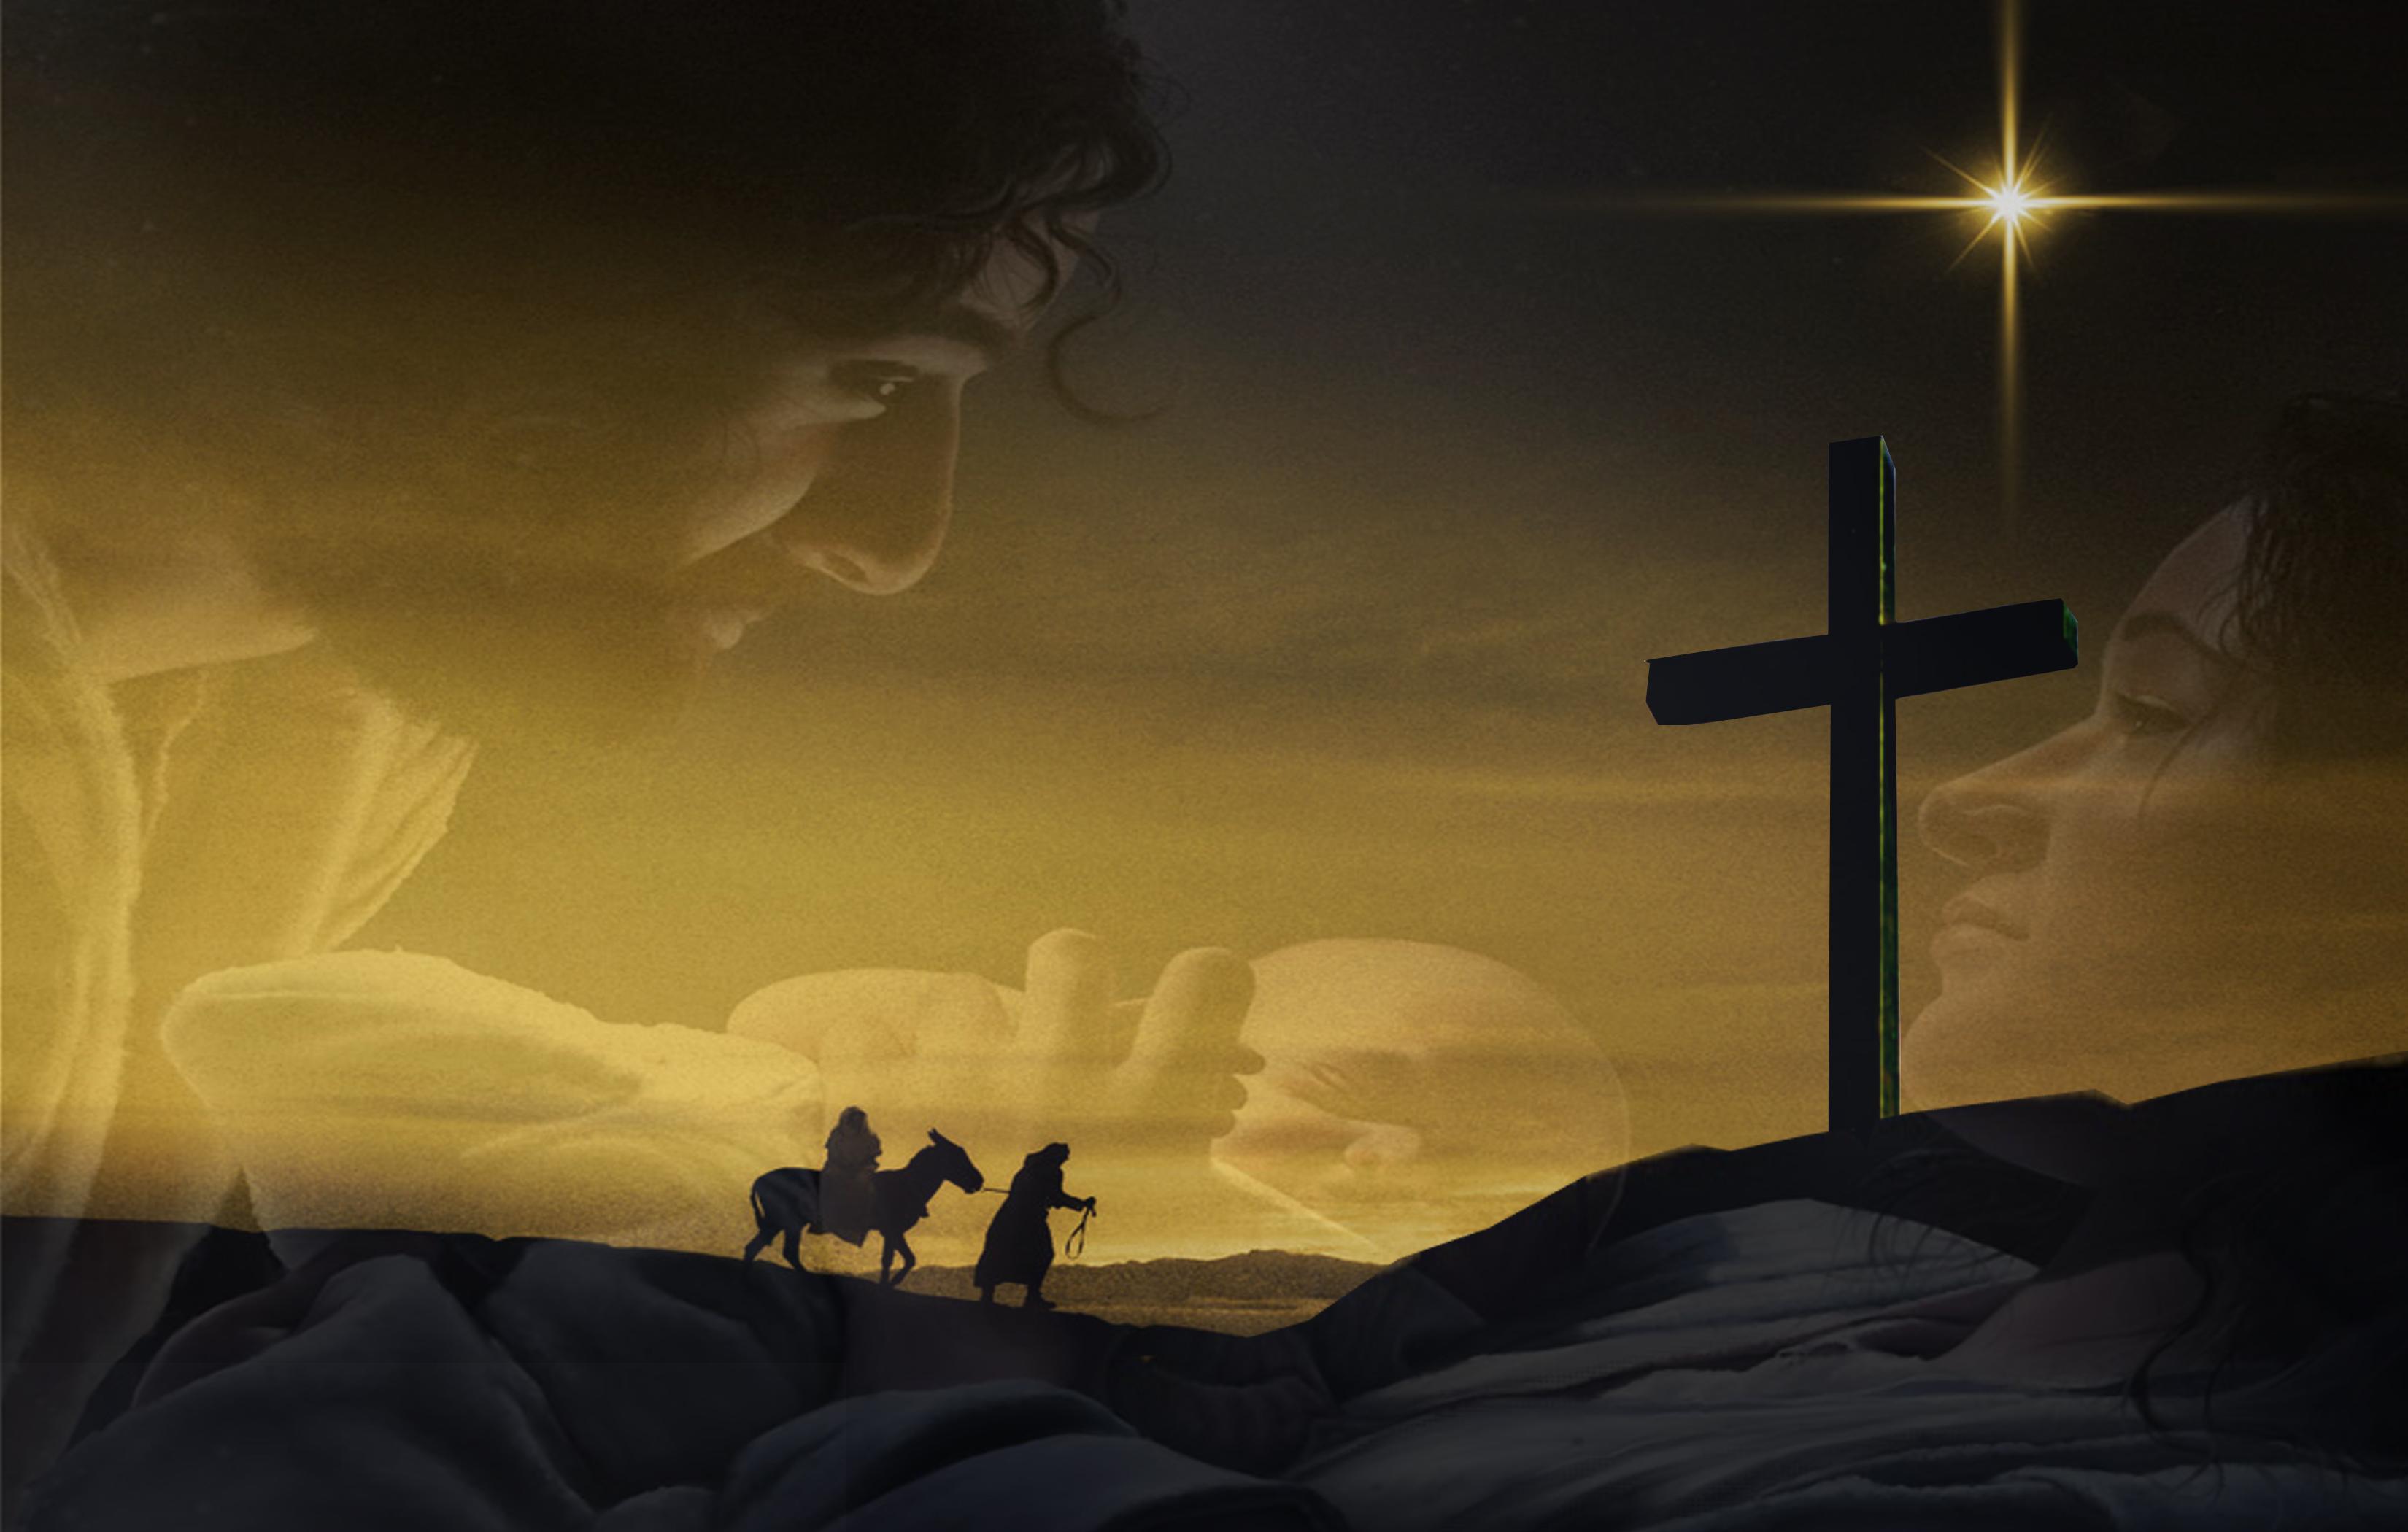 manger-to-the-cross.jpg